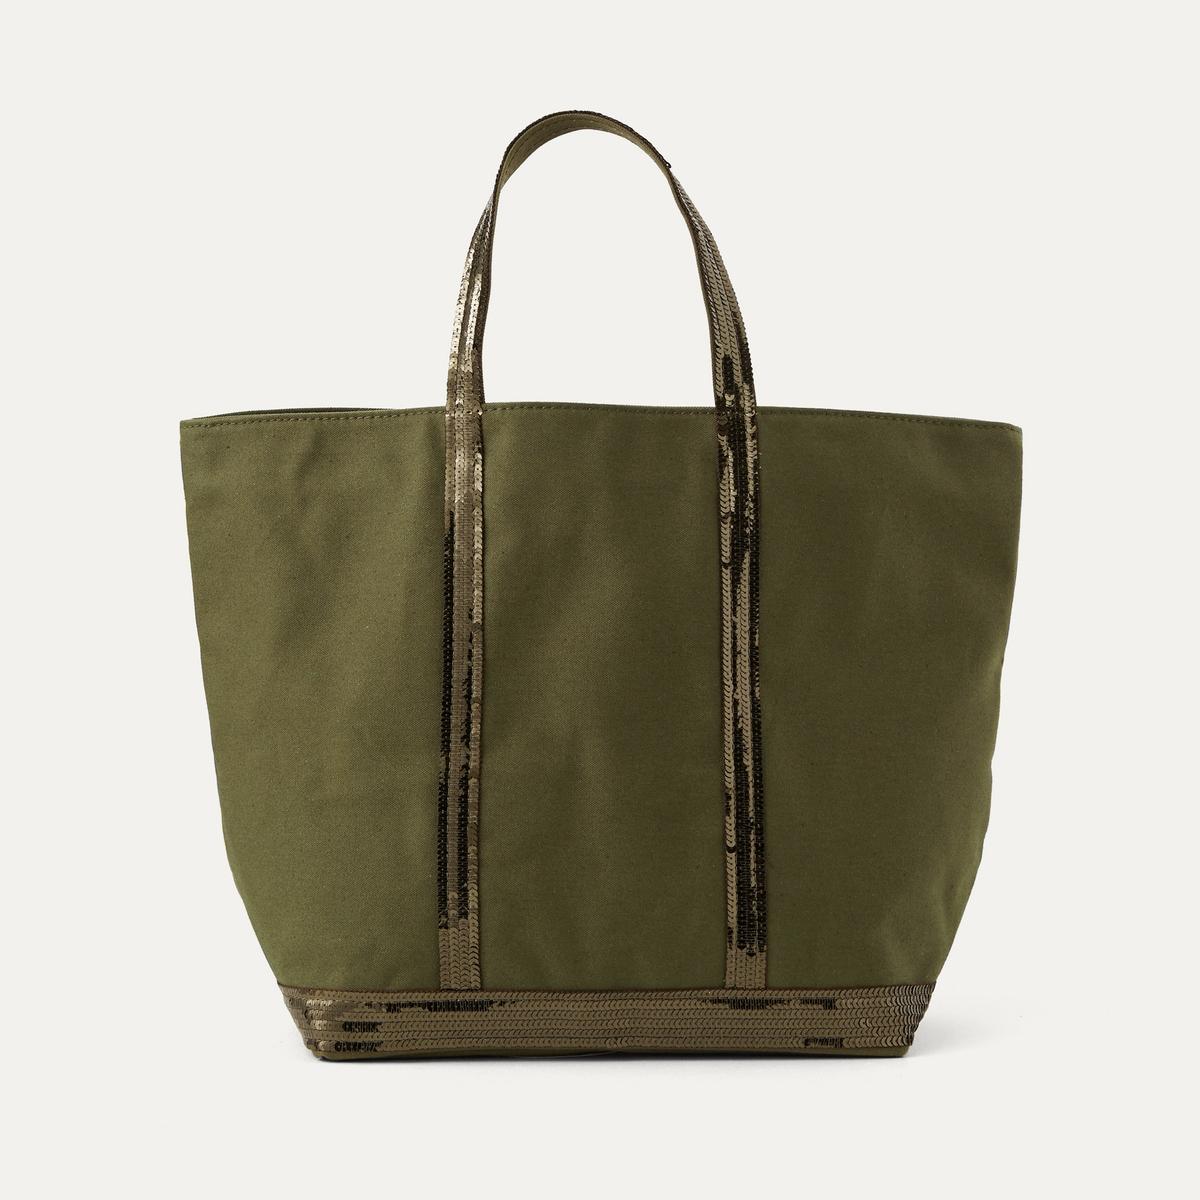 Сумка-шоппер среднего размера из парусины с блесткамиСостав и описание :Материал : 100% хлопокРазмеры : Ш. 48 x В. 32,5 x Г. 16,5 см<br><br>Цвет: зеленый